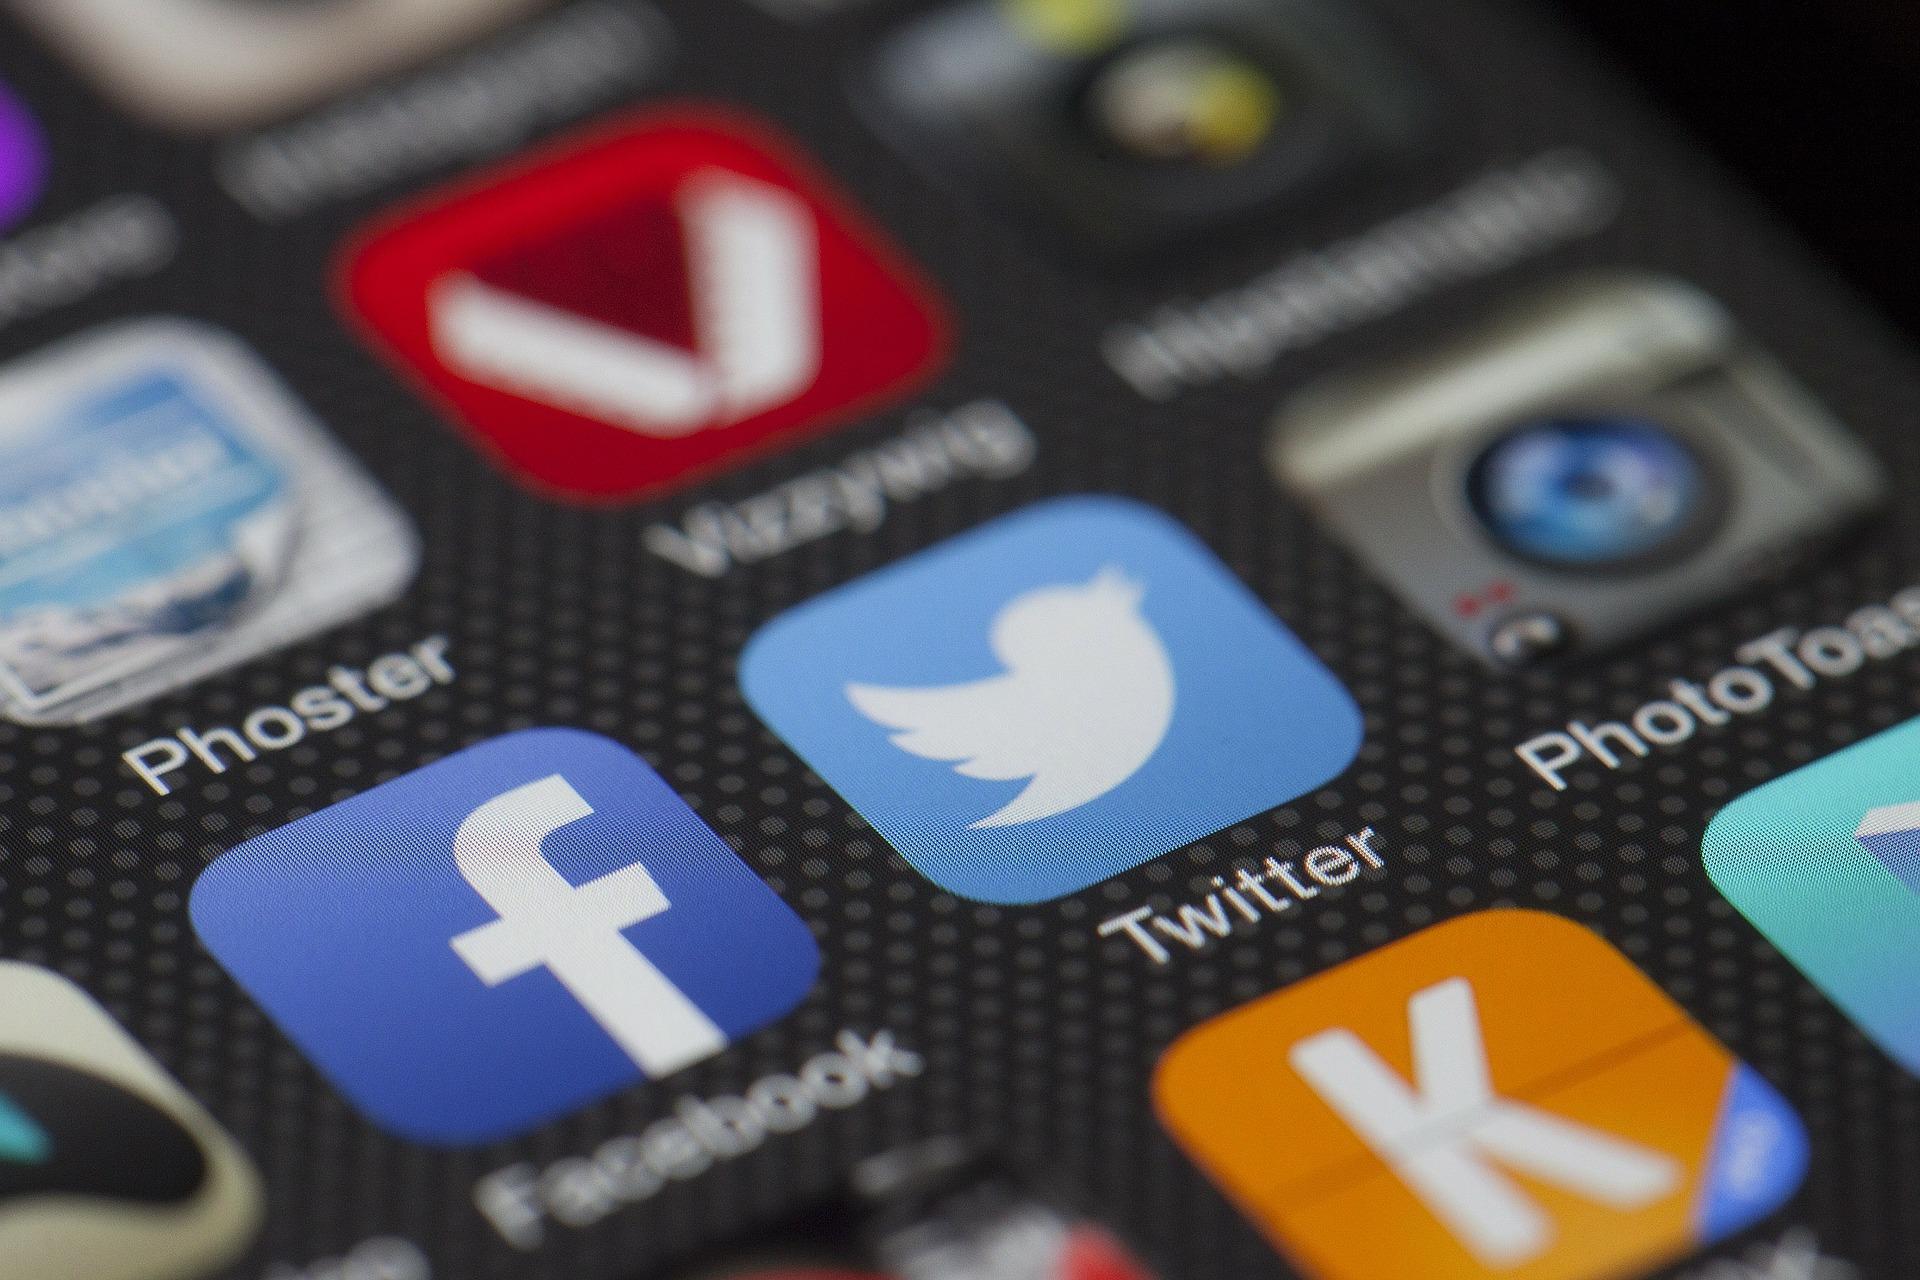 ¿Cuáles Son Las Redes Sociales Que Se Utilizan Con Más Frecuencia?